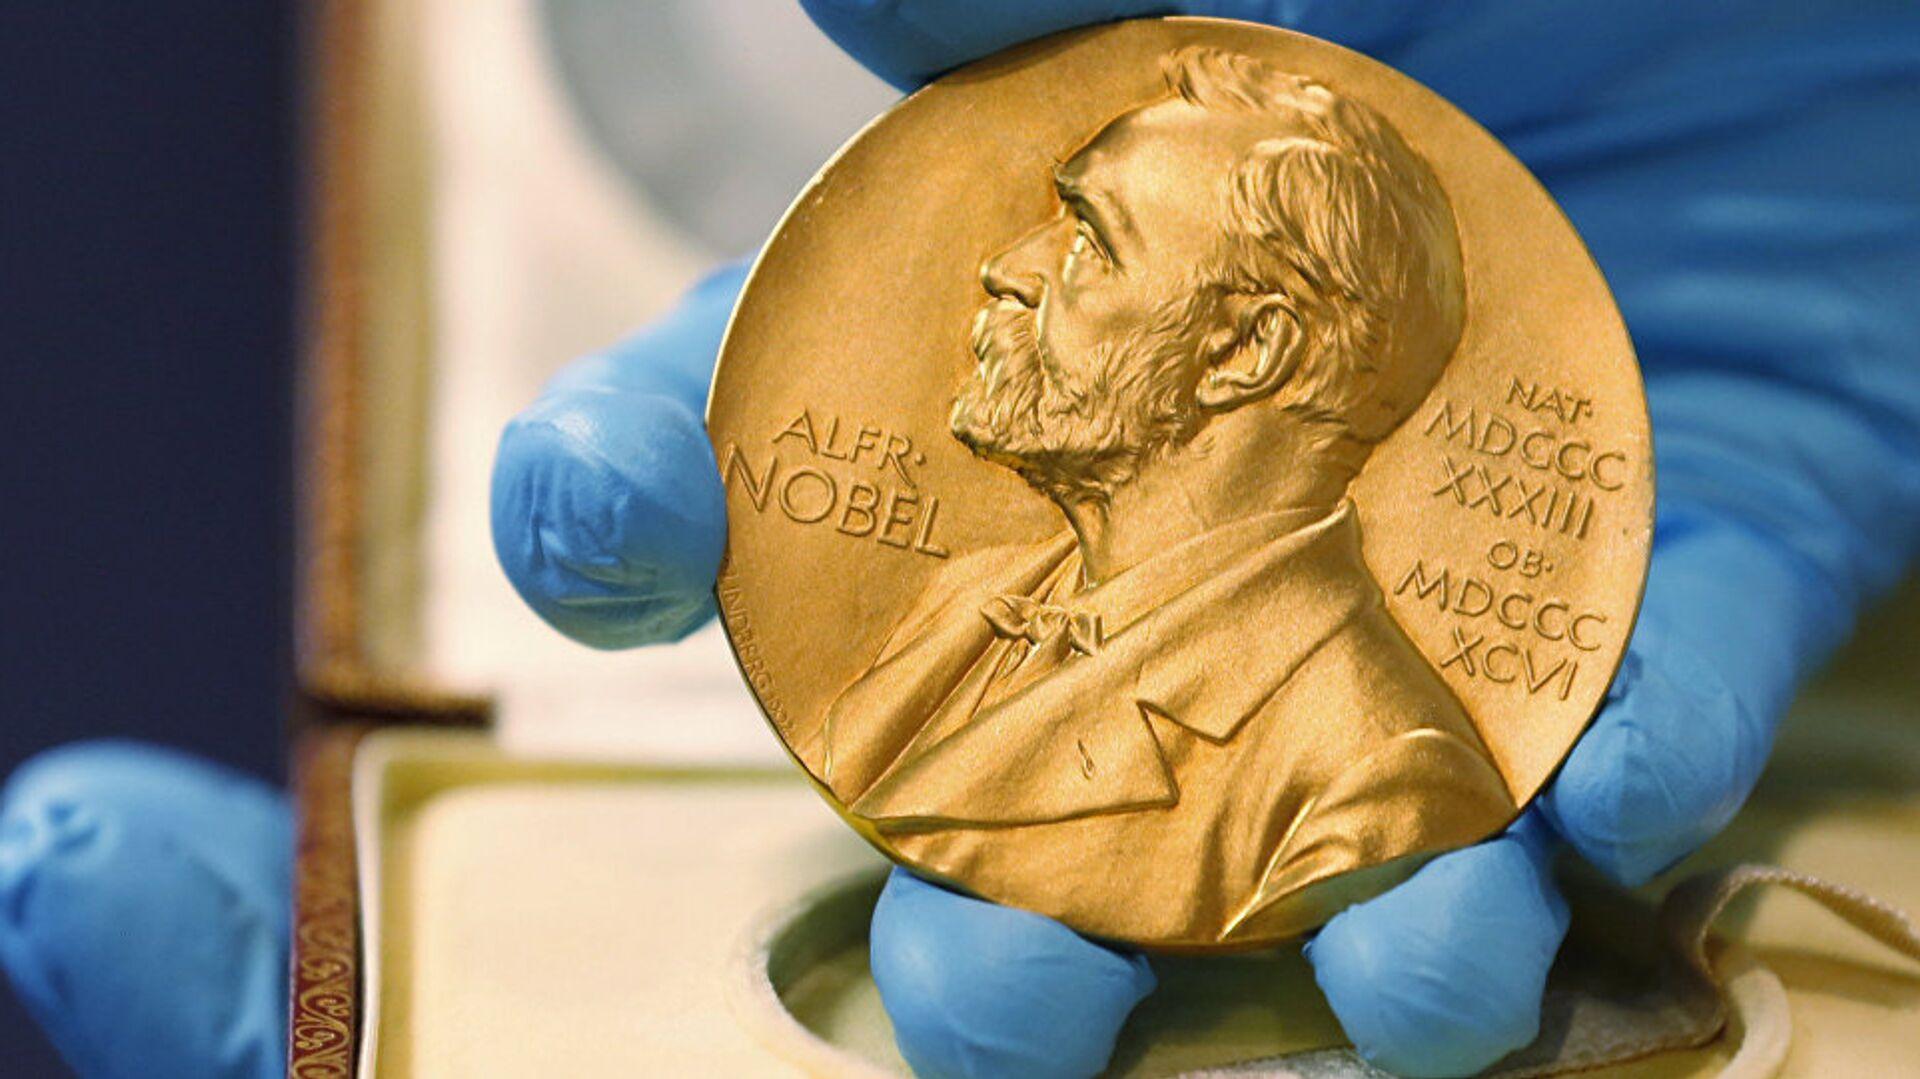 Нобелевская премия, фото из архива - Sputnik Азербайджан, 1920, 05.10.2021